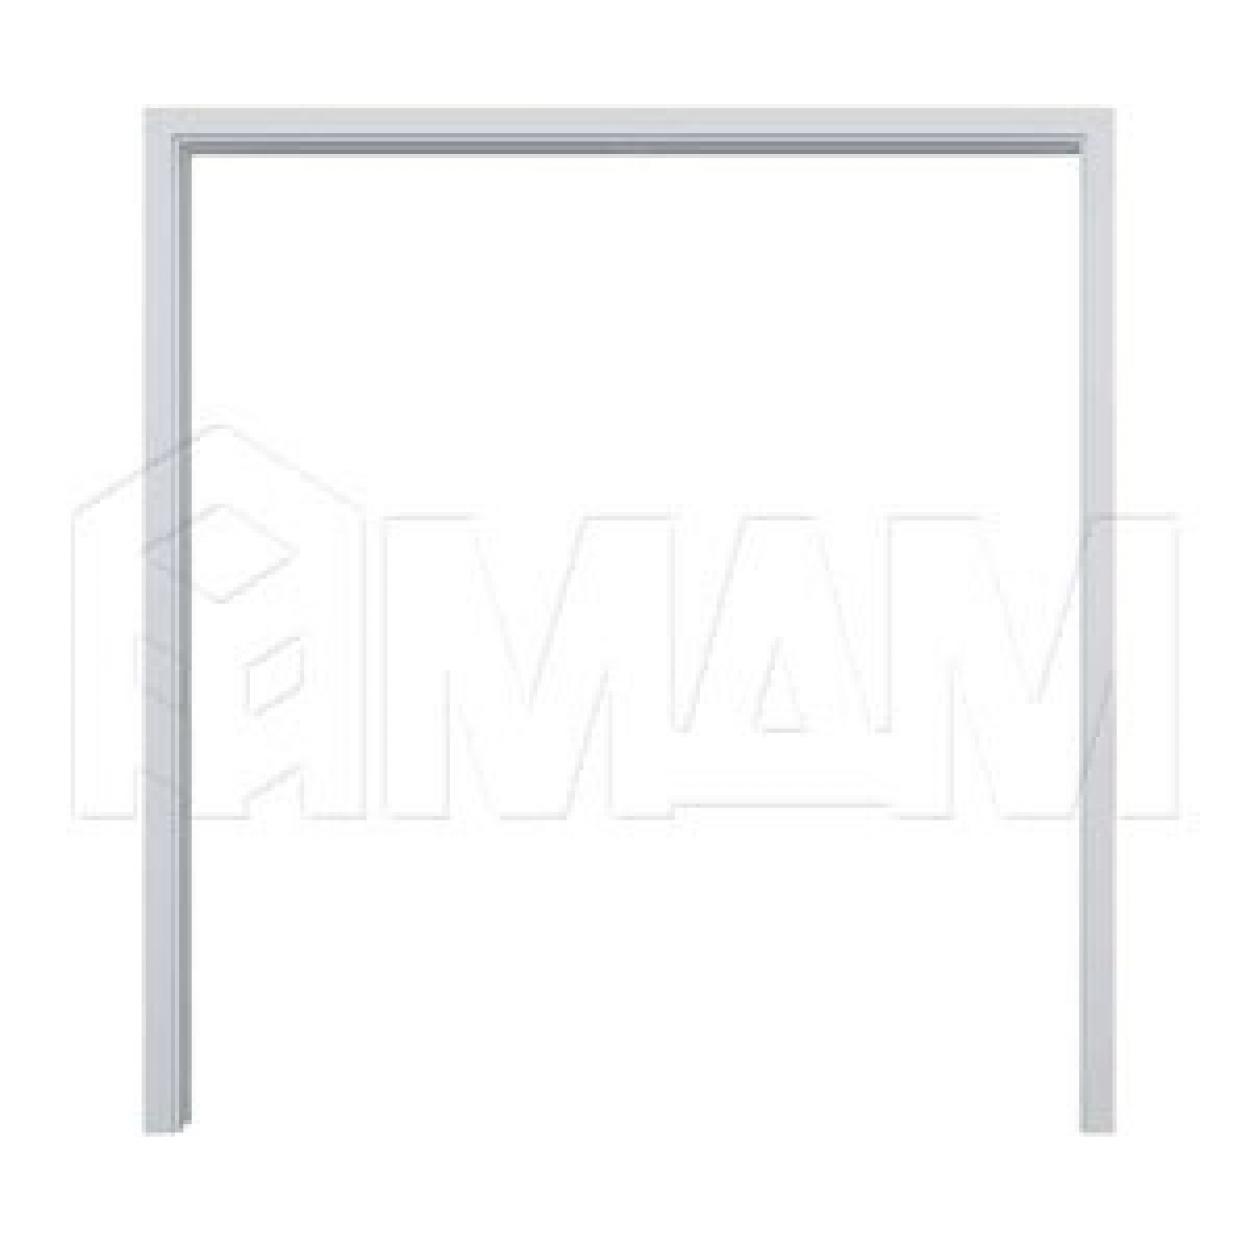 GUSTAVSON Рамка и наличники для двух дверей шириной 800 мм, толщина 100 мм, МДФ, белый